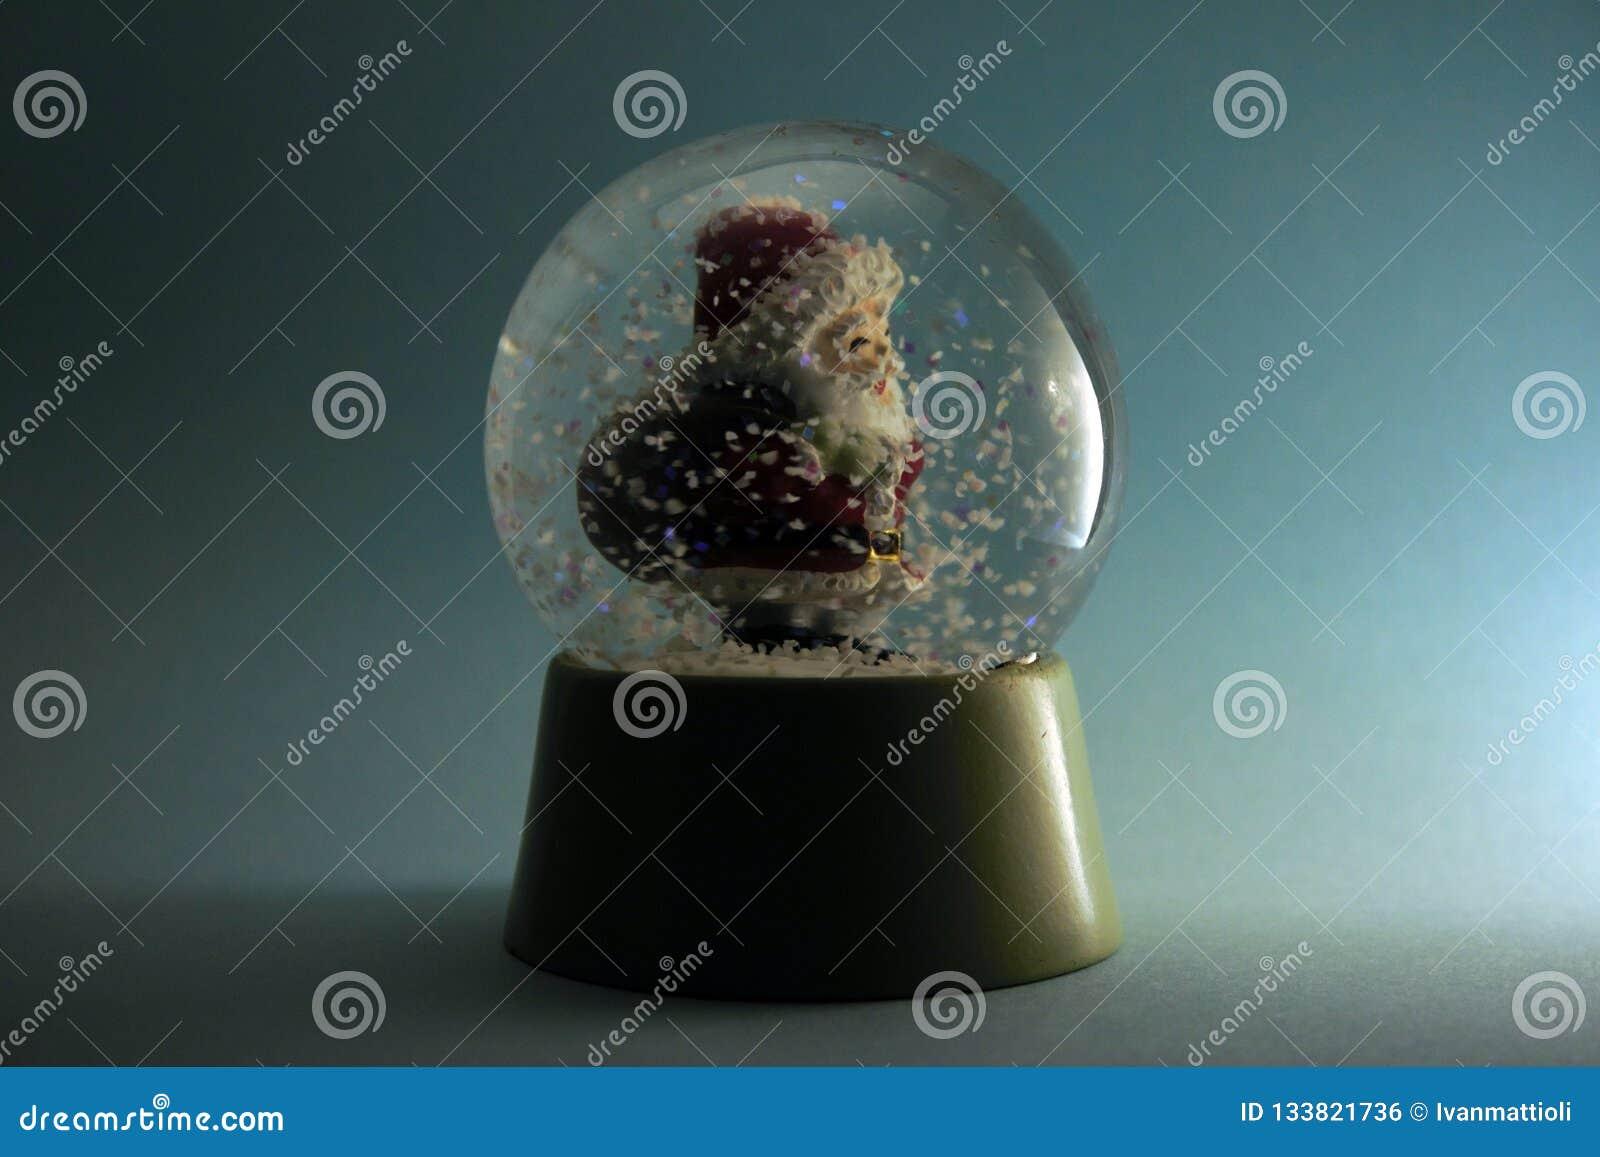 Άγιος Βασίλης που φέρνει την τσάντα του σε μια σφαίρα χιονοθυελλών στο μπλε υπόβαθρο